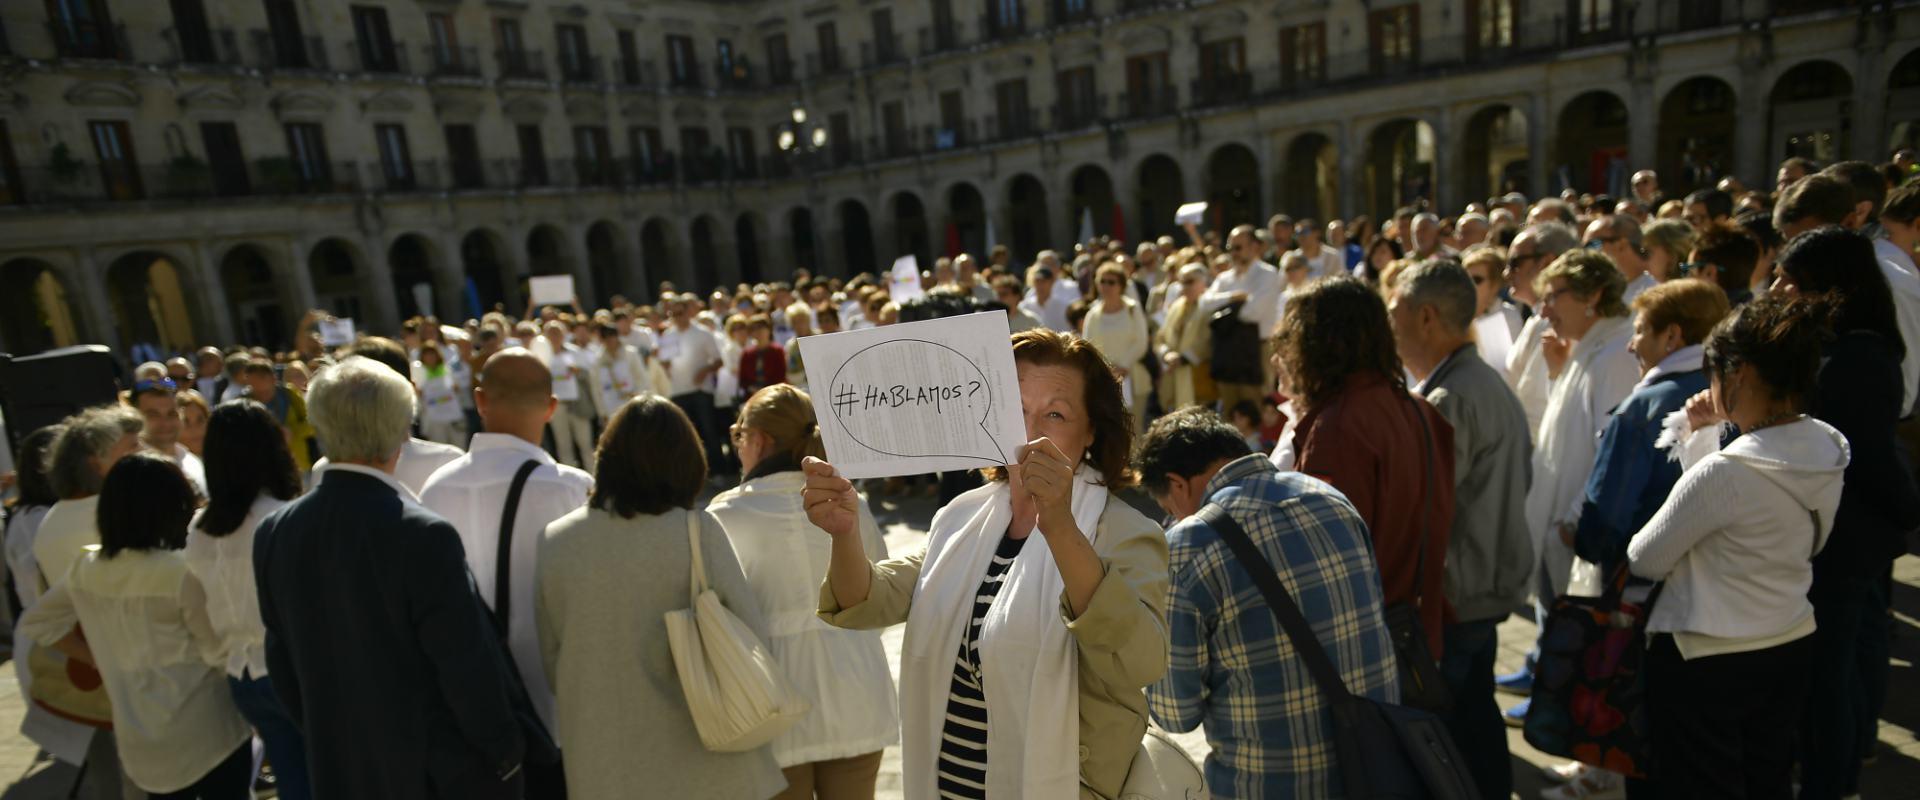 הפגנות בספרד